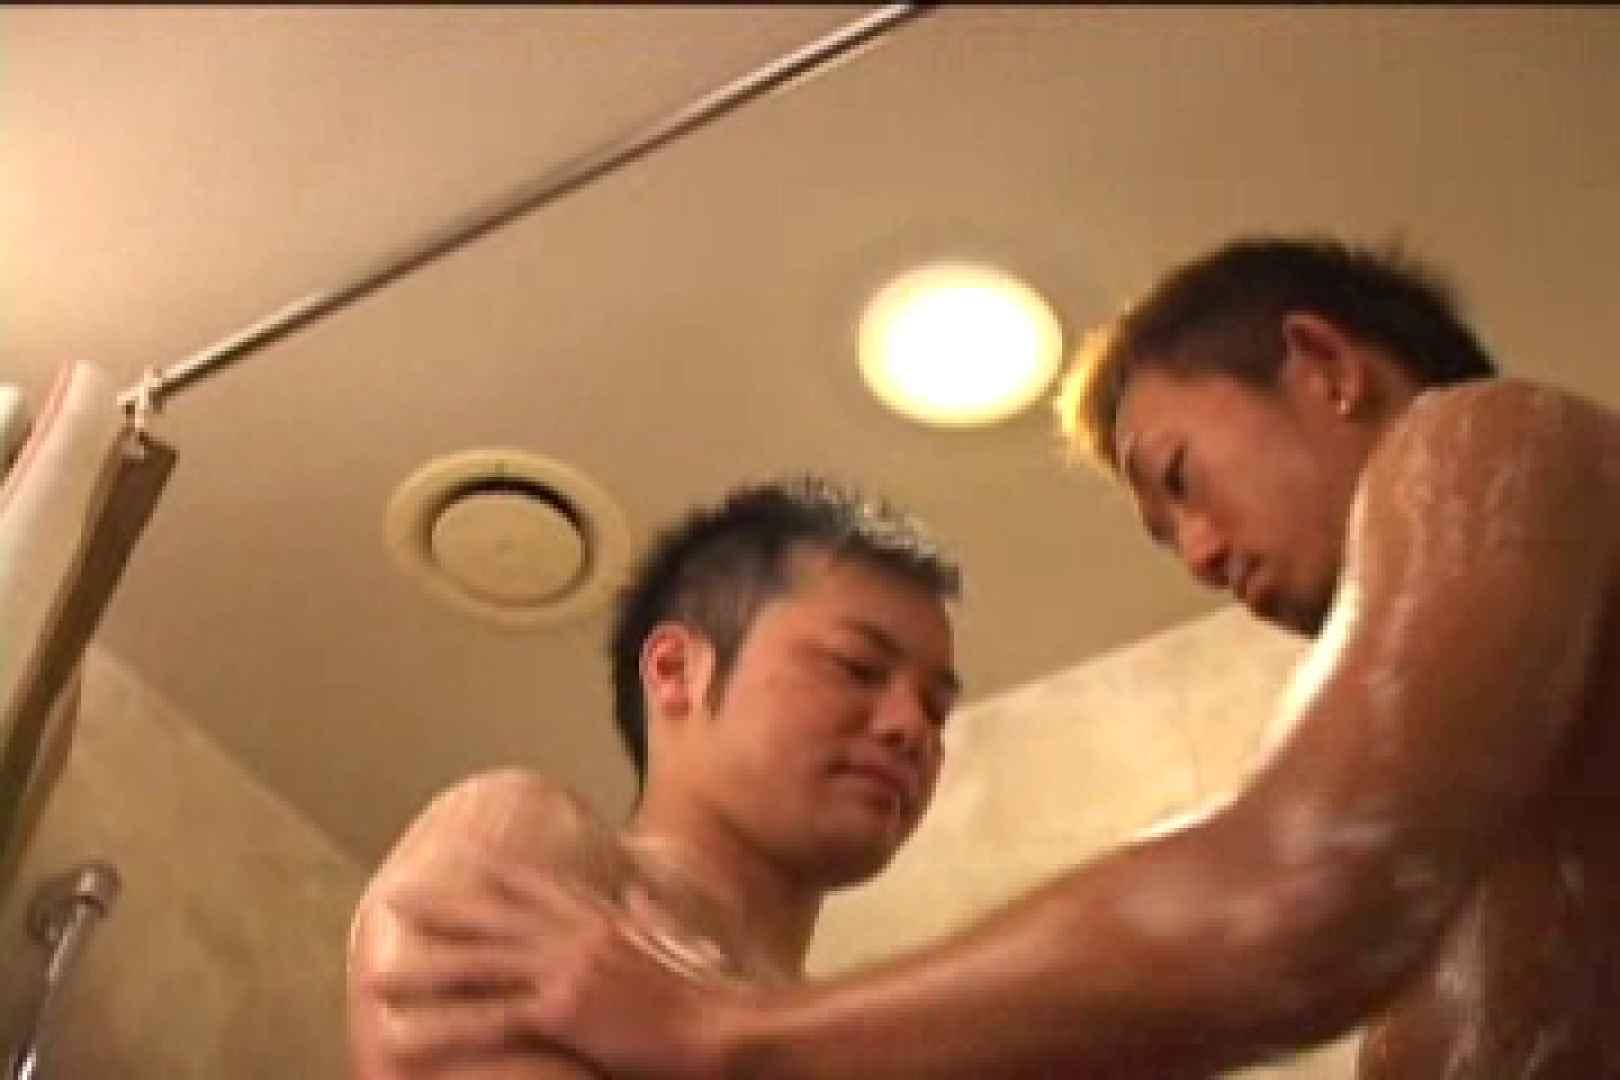 光り輝く男たちのロマンシングメモリー!!vol.05 フェラ ゲイモロ画像 89枚 4